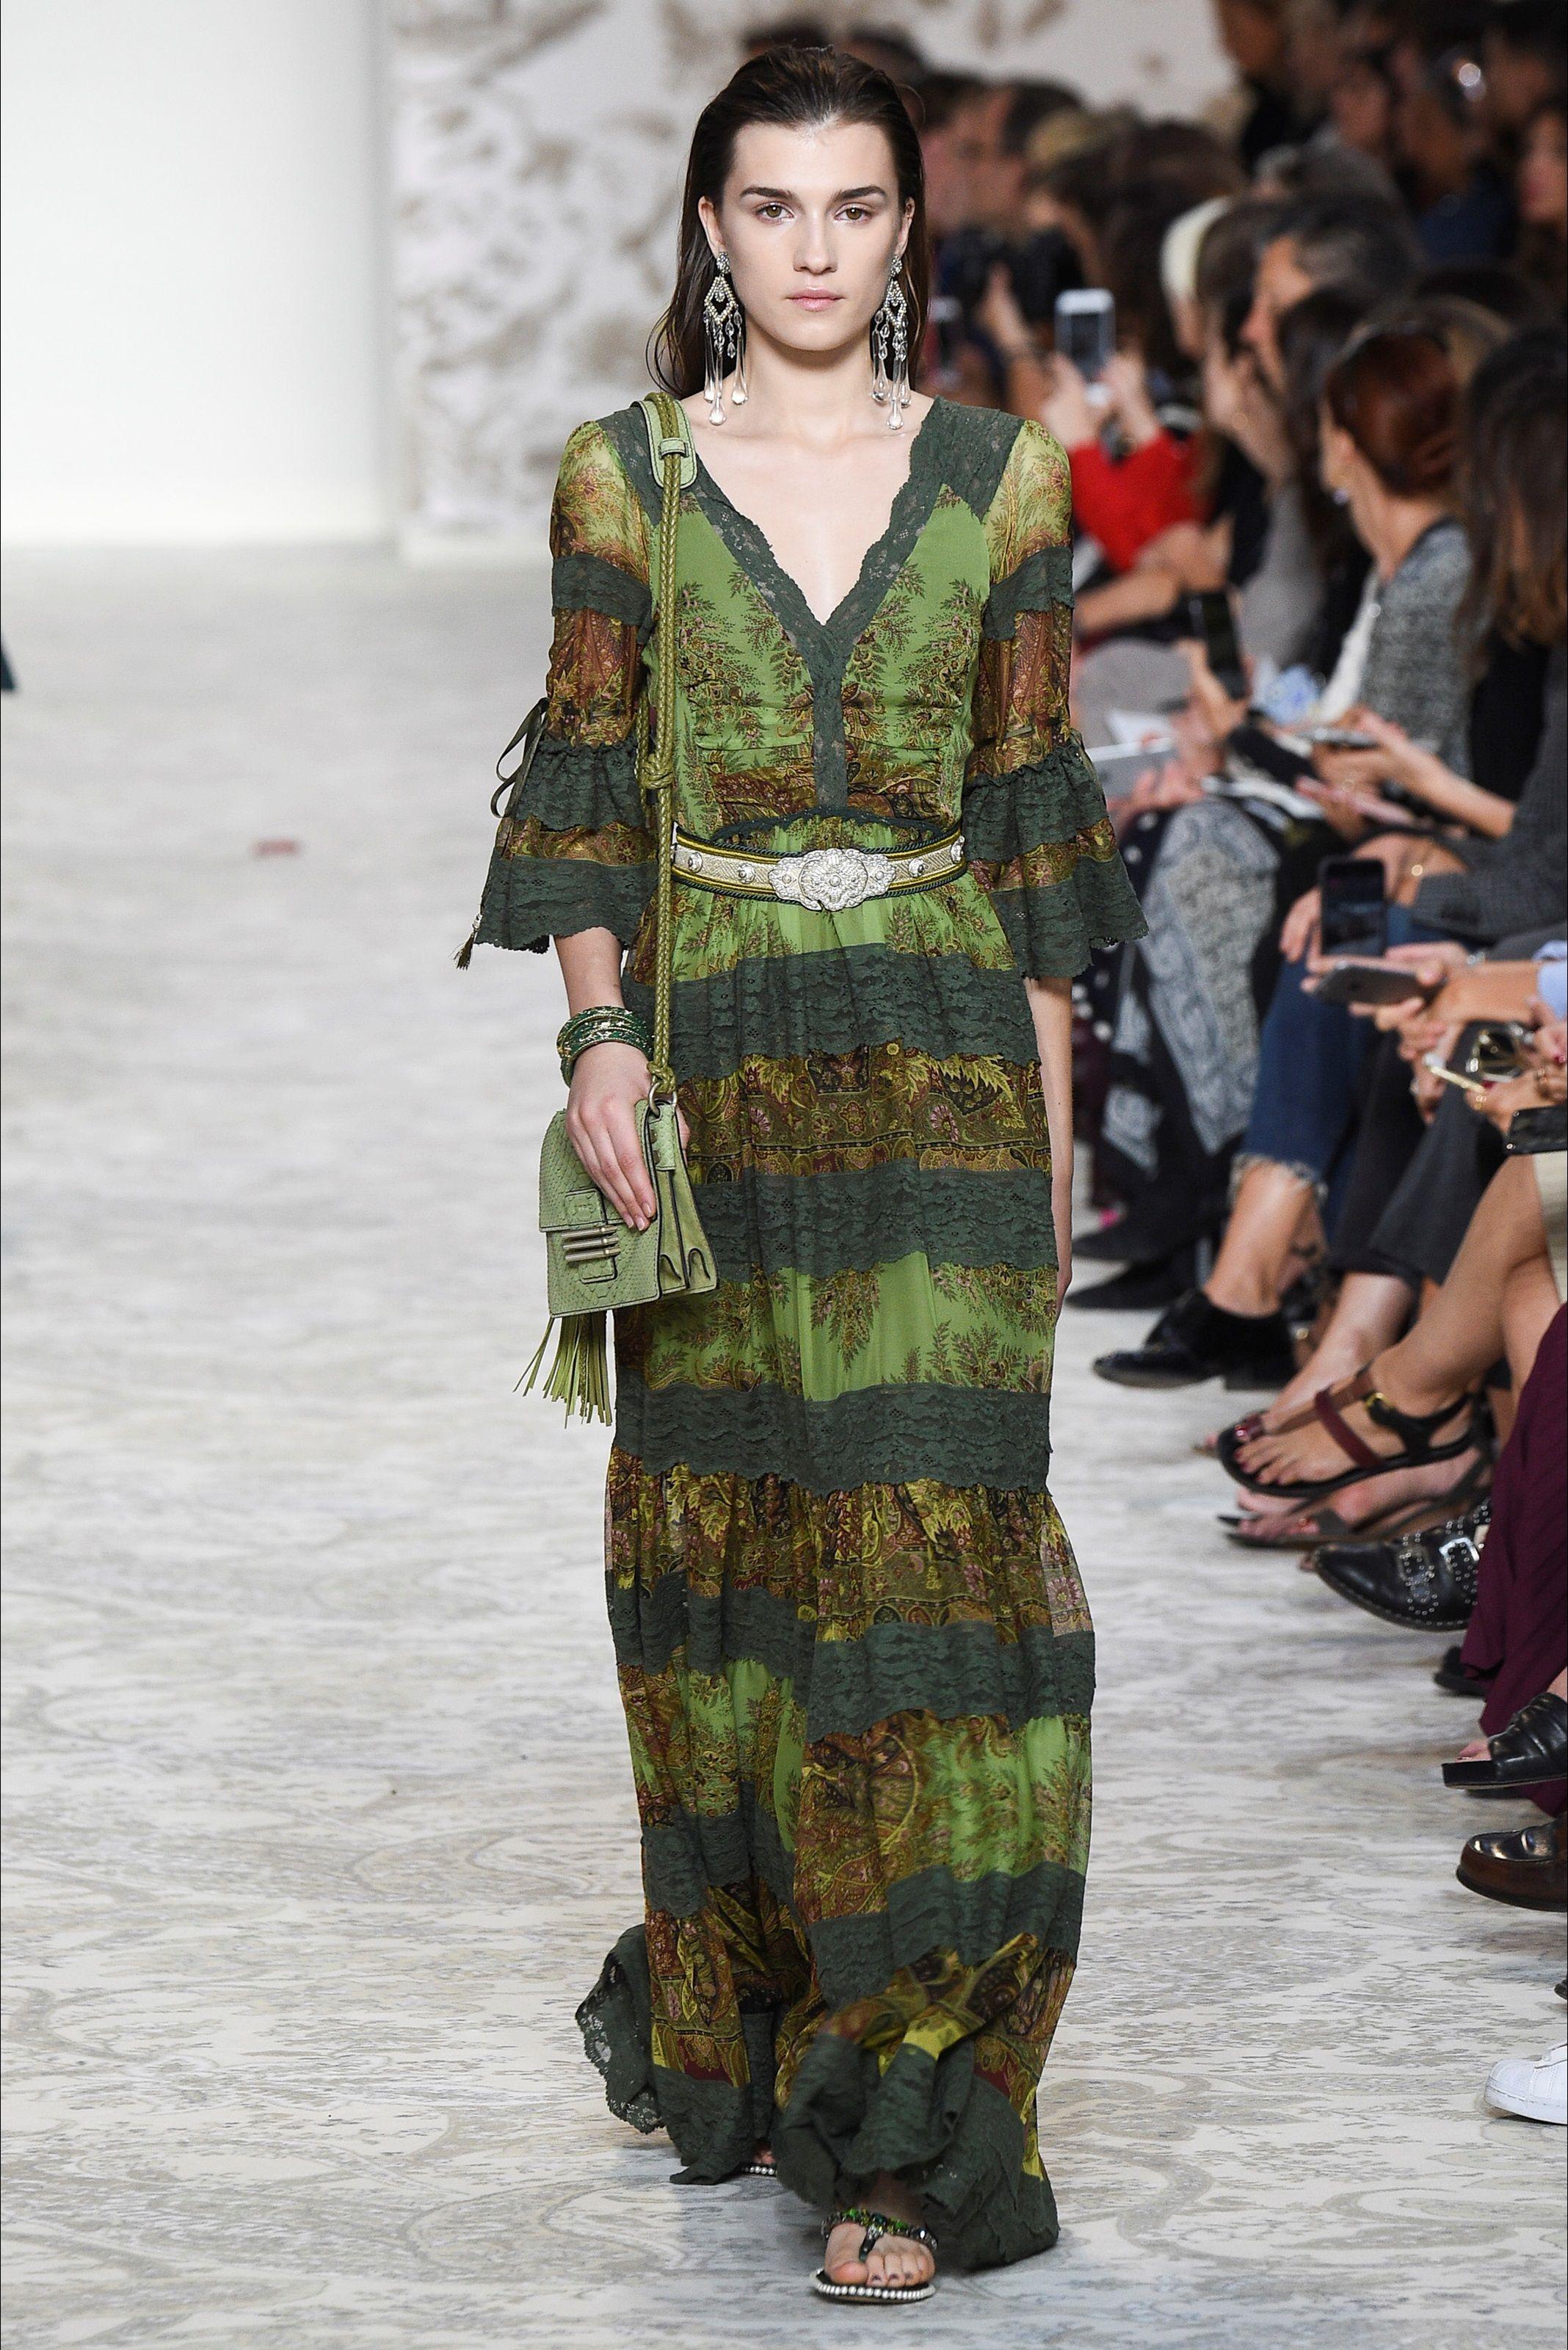 cf937fc512cd Guarda la sfilata di moda Etro a Milano e scopri la collezione di abiti e  accessori per la stagione Collezioni Primavera Estate 2018.